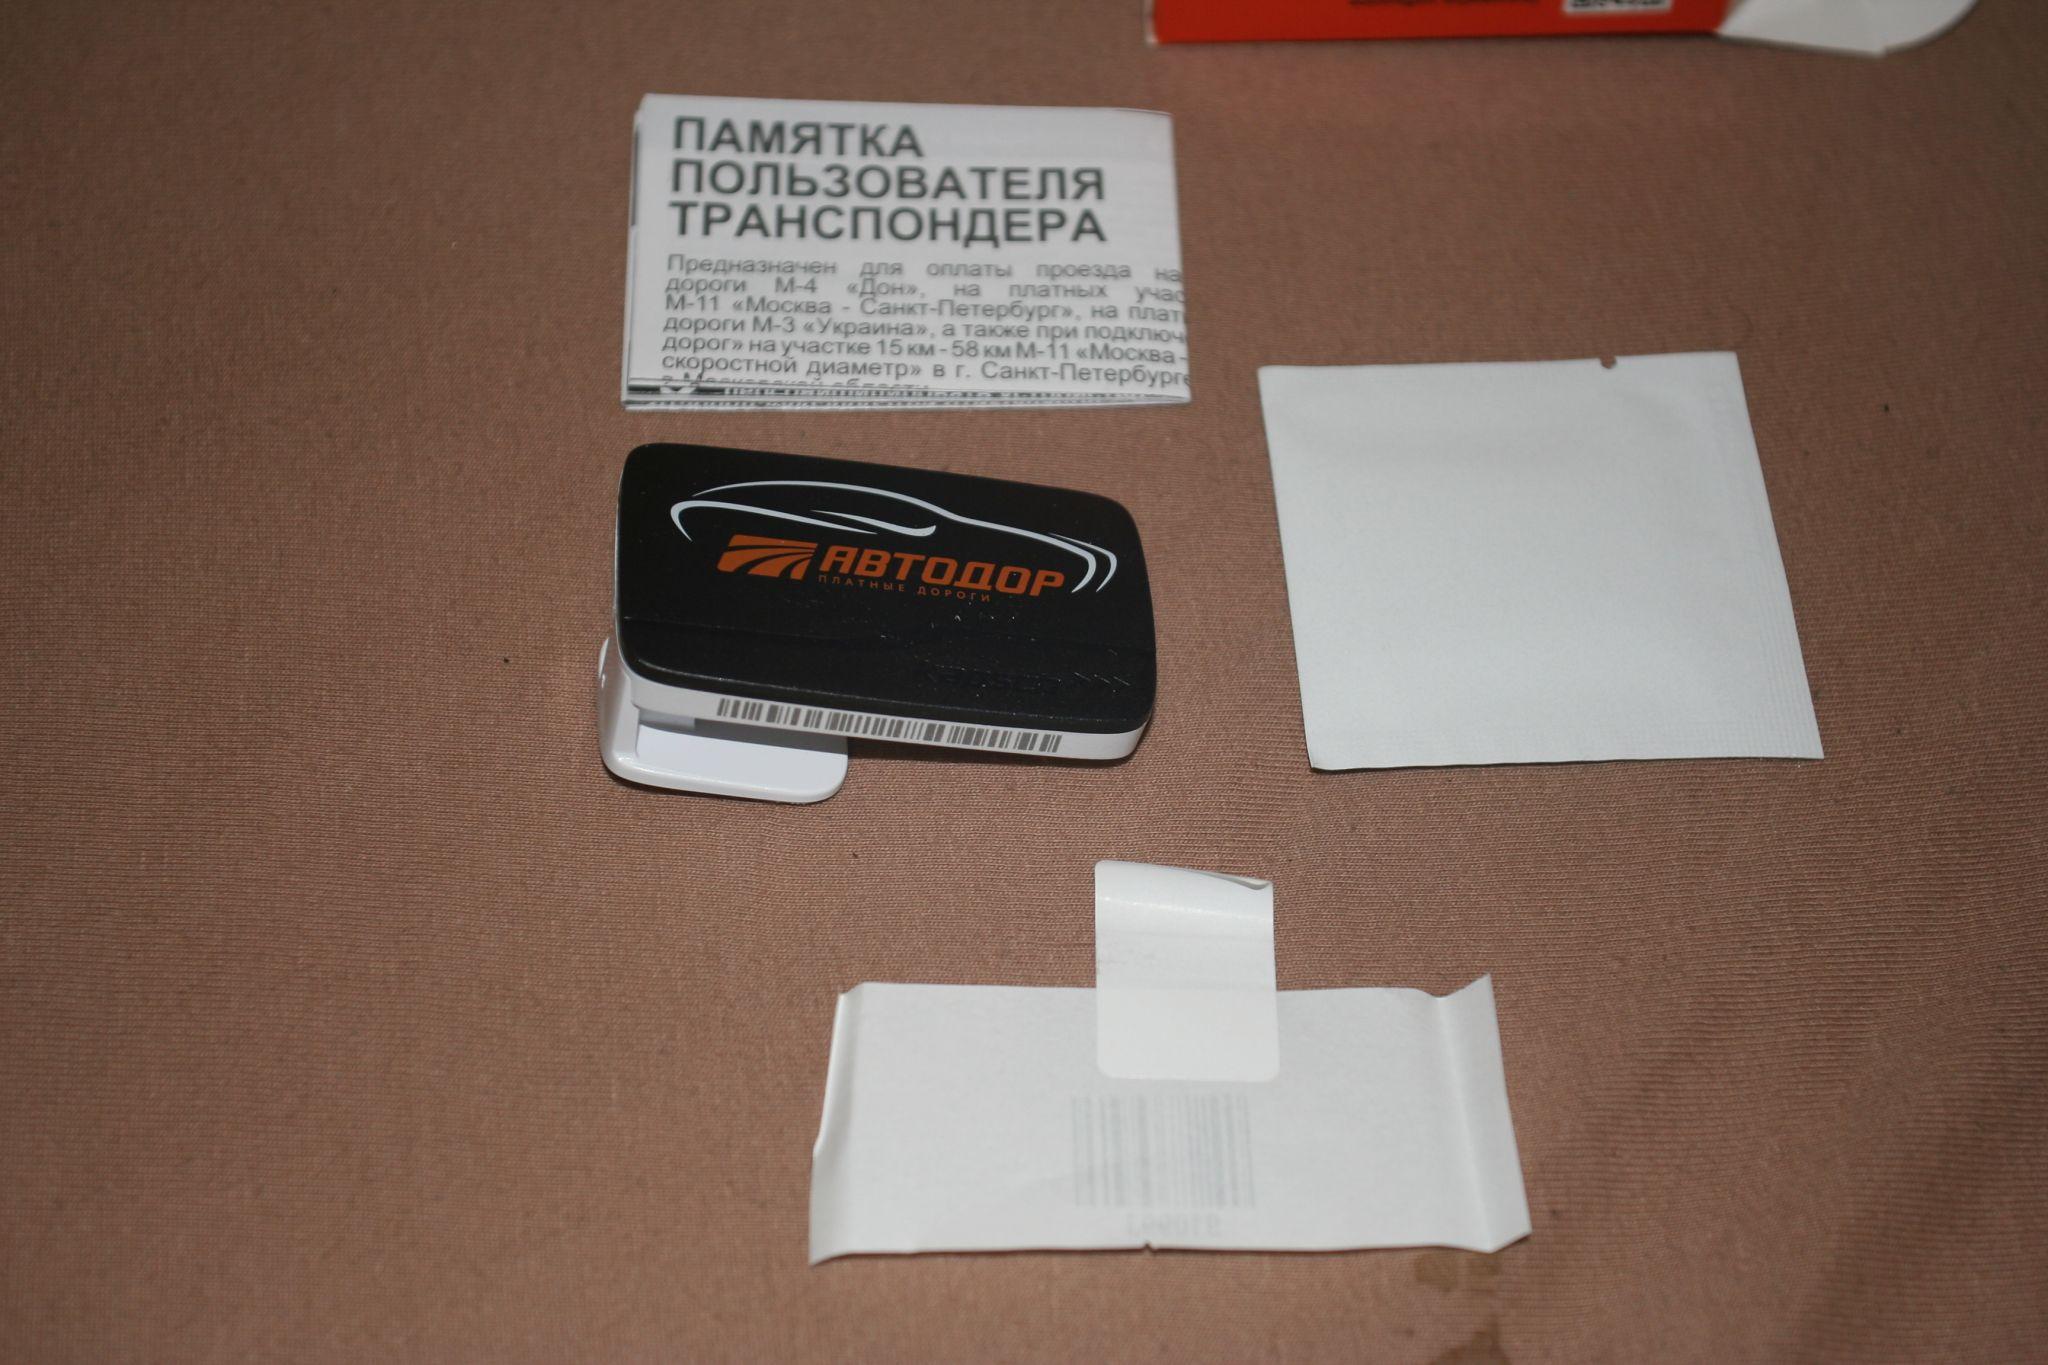 Купить транспортер для проезда по платной дороге в москве цена оборудование элеваторов и мельниц